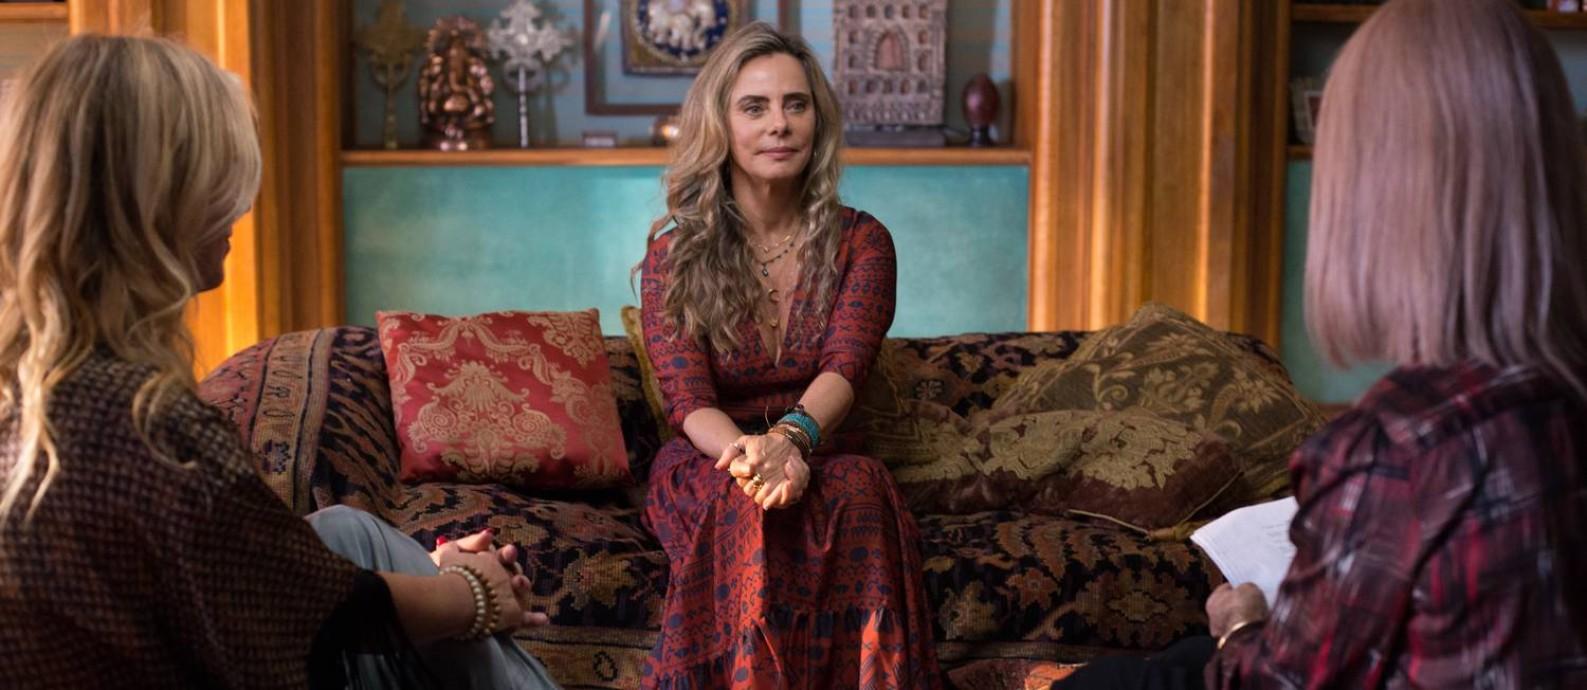 SC - Bruna Lombardi em 'A vida secreta dos casais', série em que é protagonista e autora, da HBO Foto: DUDA MORAIS / Divulgação